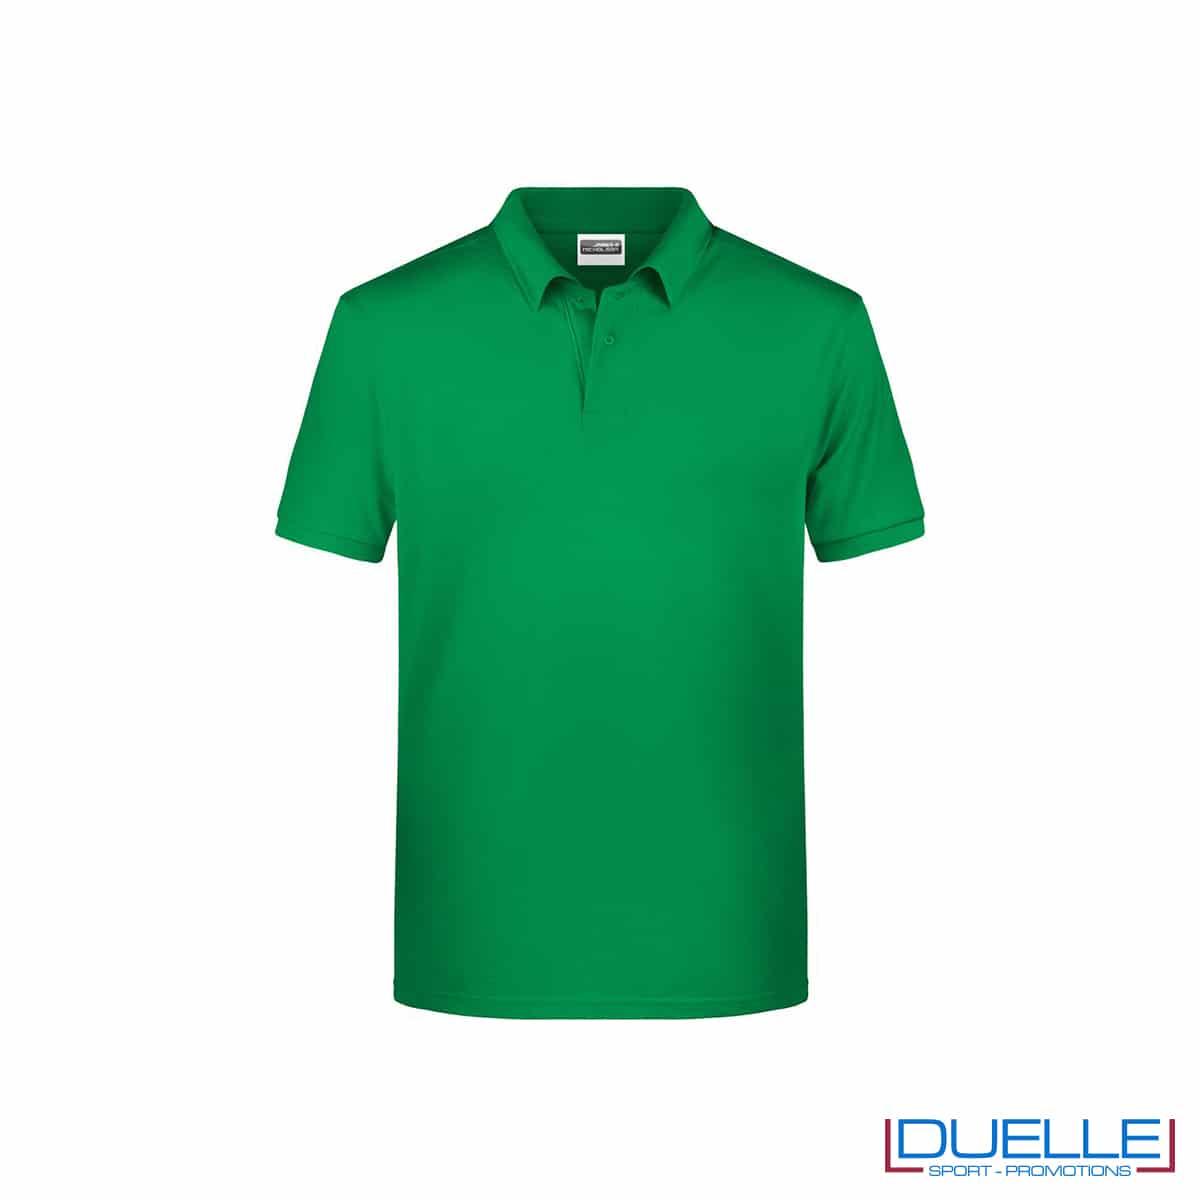 Polo ecologica 100% cotone organico colore verde bandiera